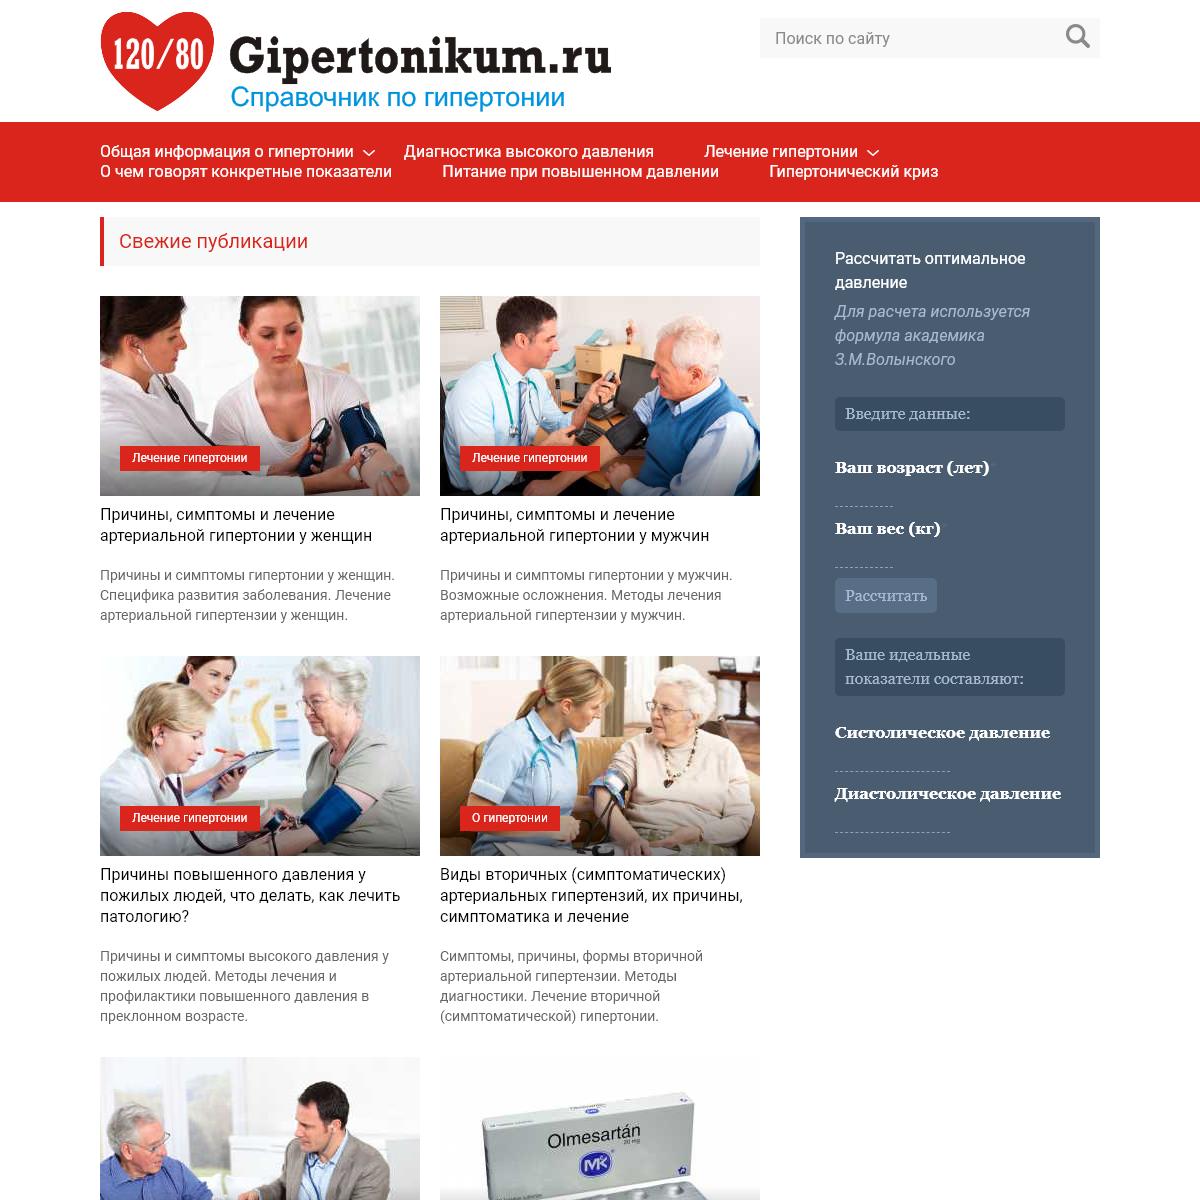 Gipertonikum.ru - все о лечении и профилактике гипертонии